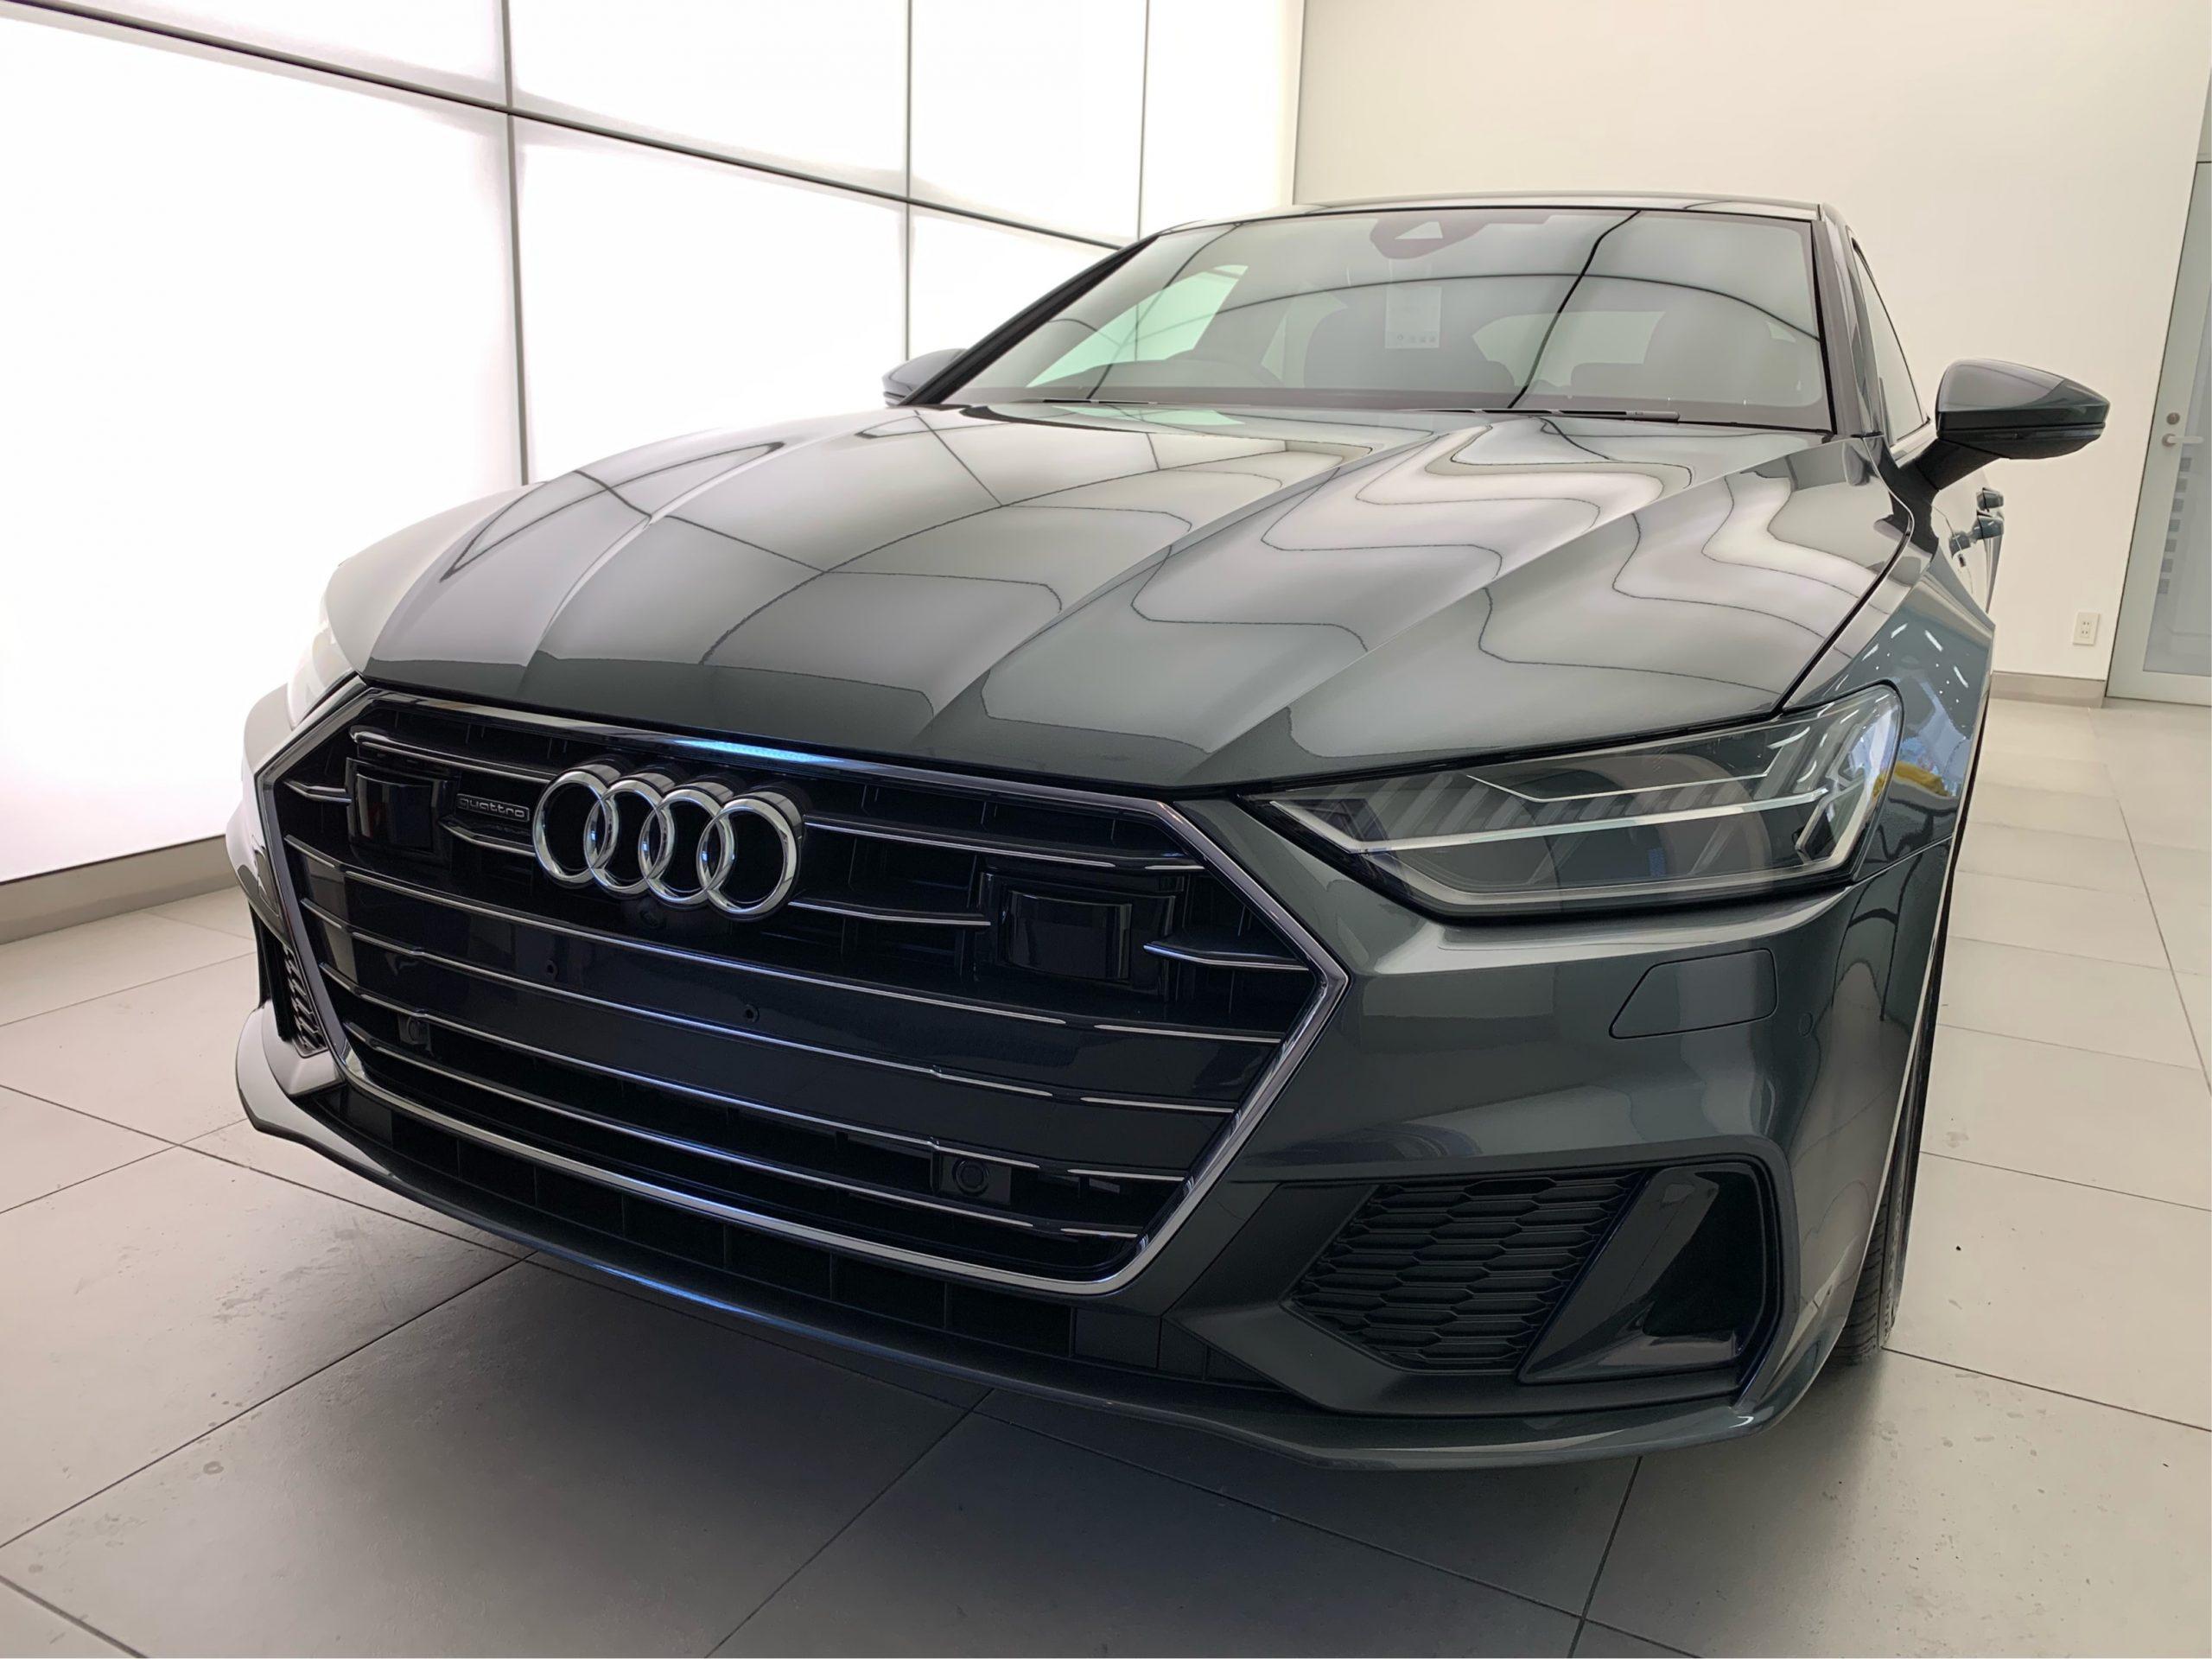 <p>こんにちは。craftech.カオリです。 今回は出張施工のご紹介。 Audi A7!! フロントグ […]</p>